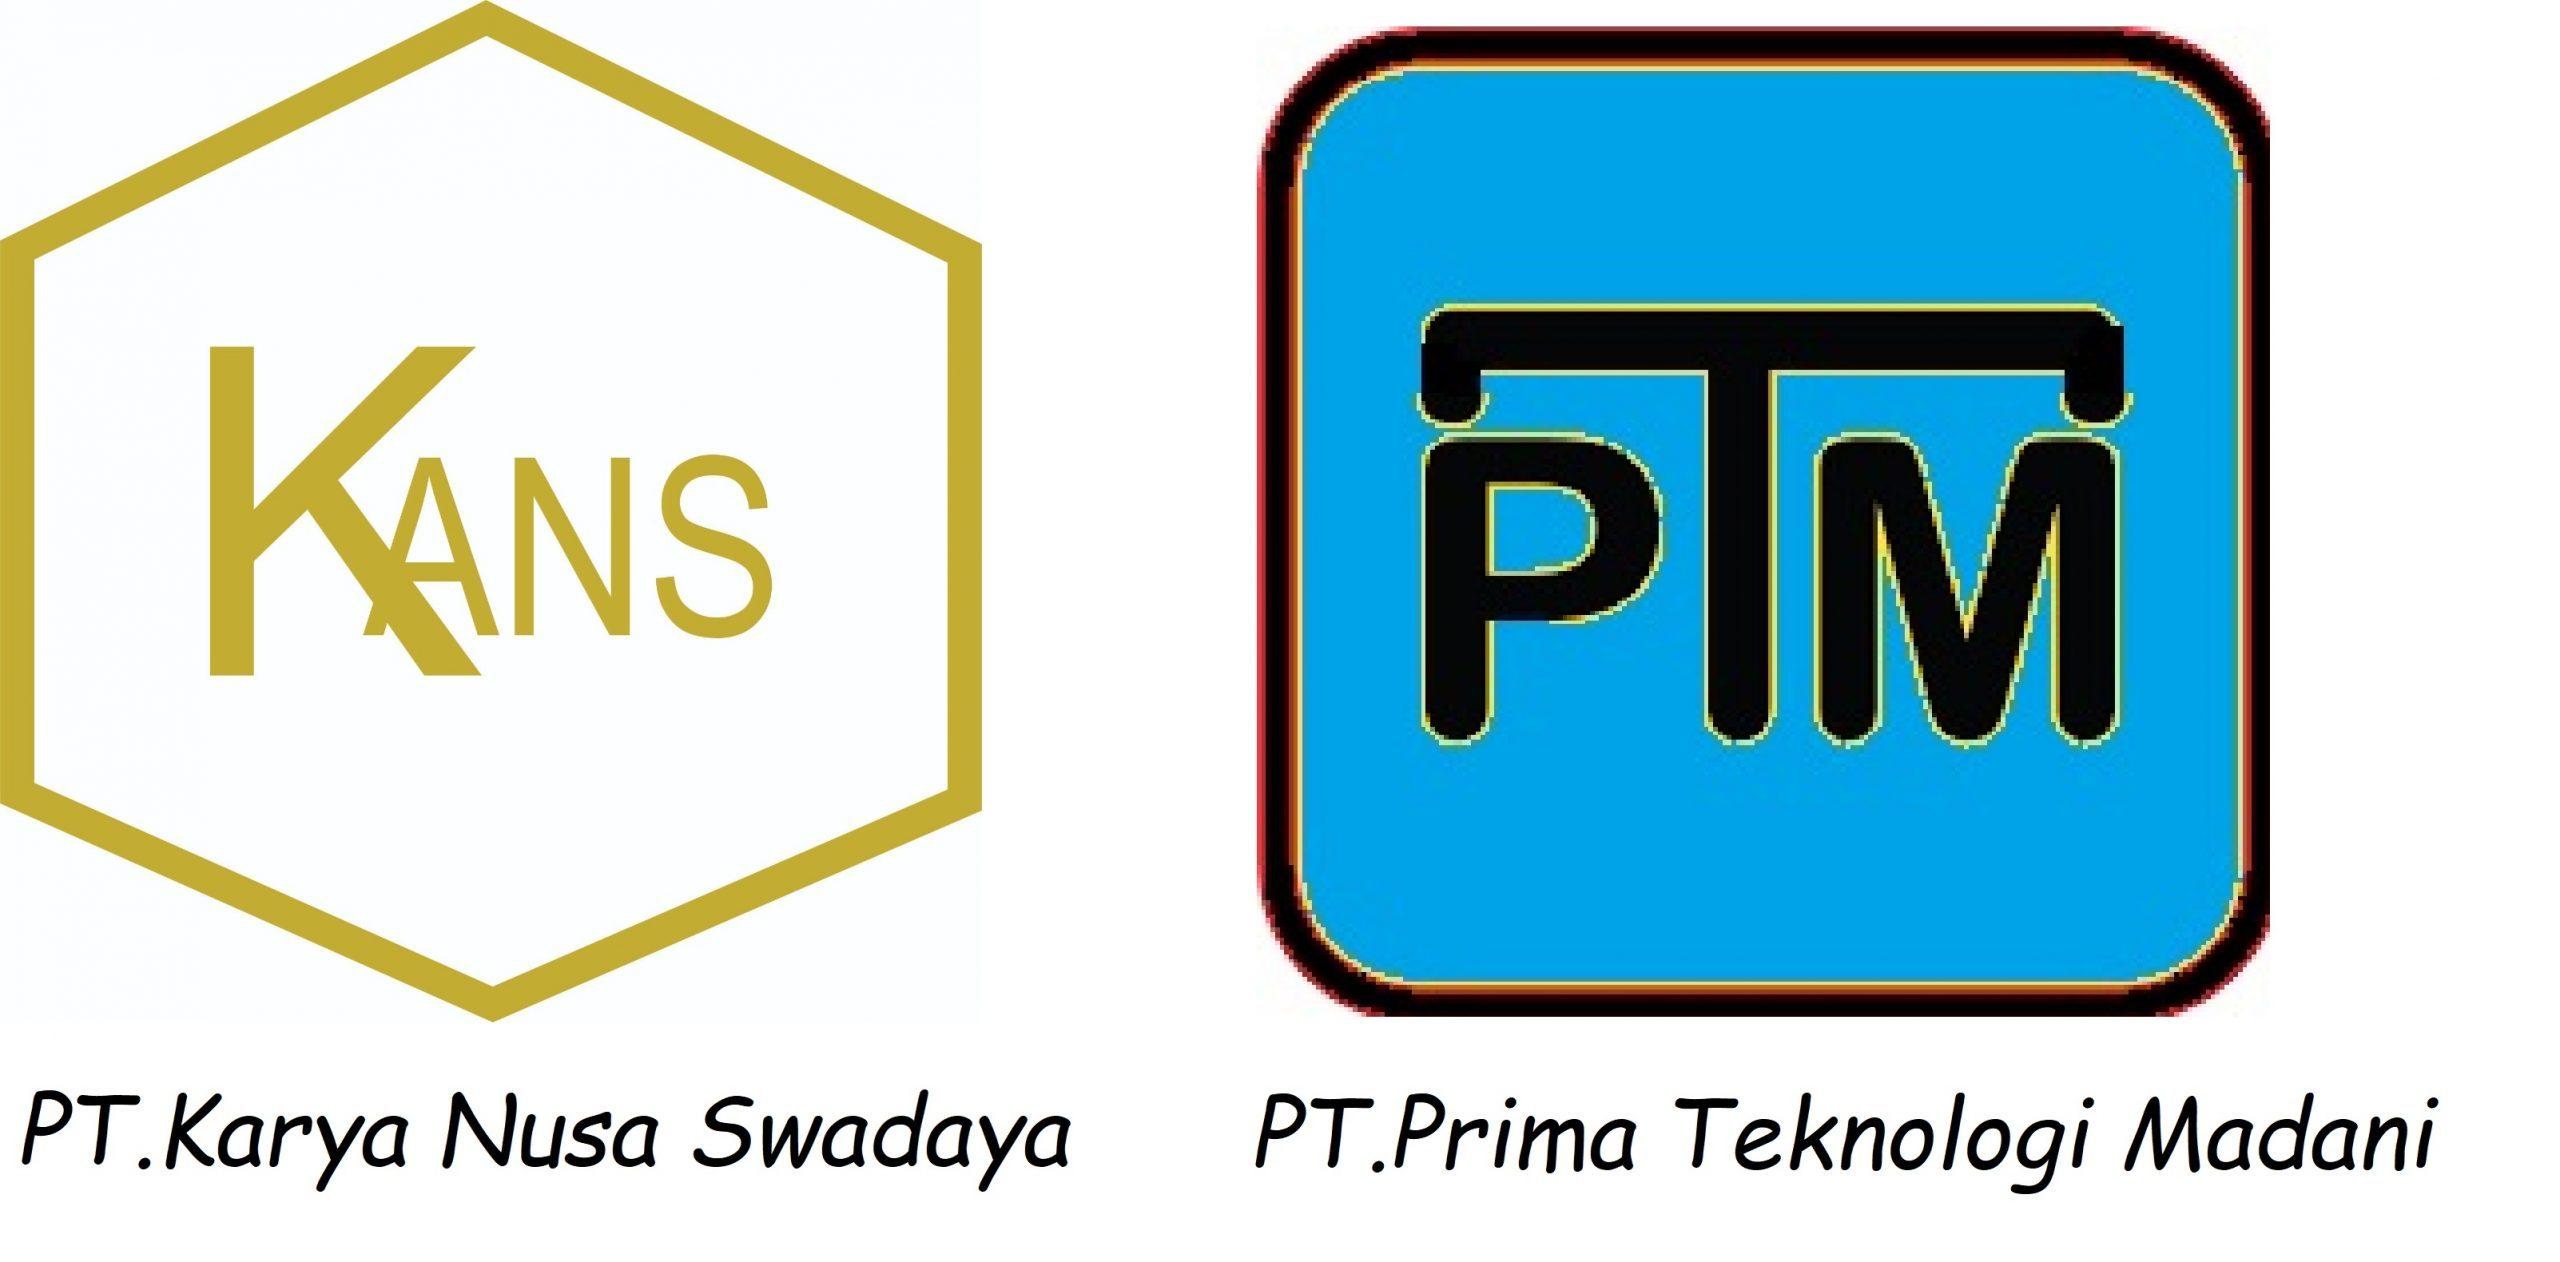 Karya Nusa Swadaya